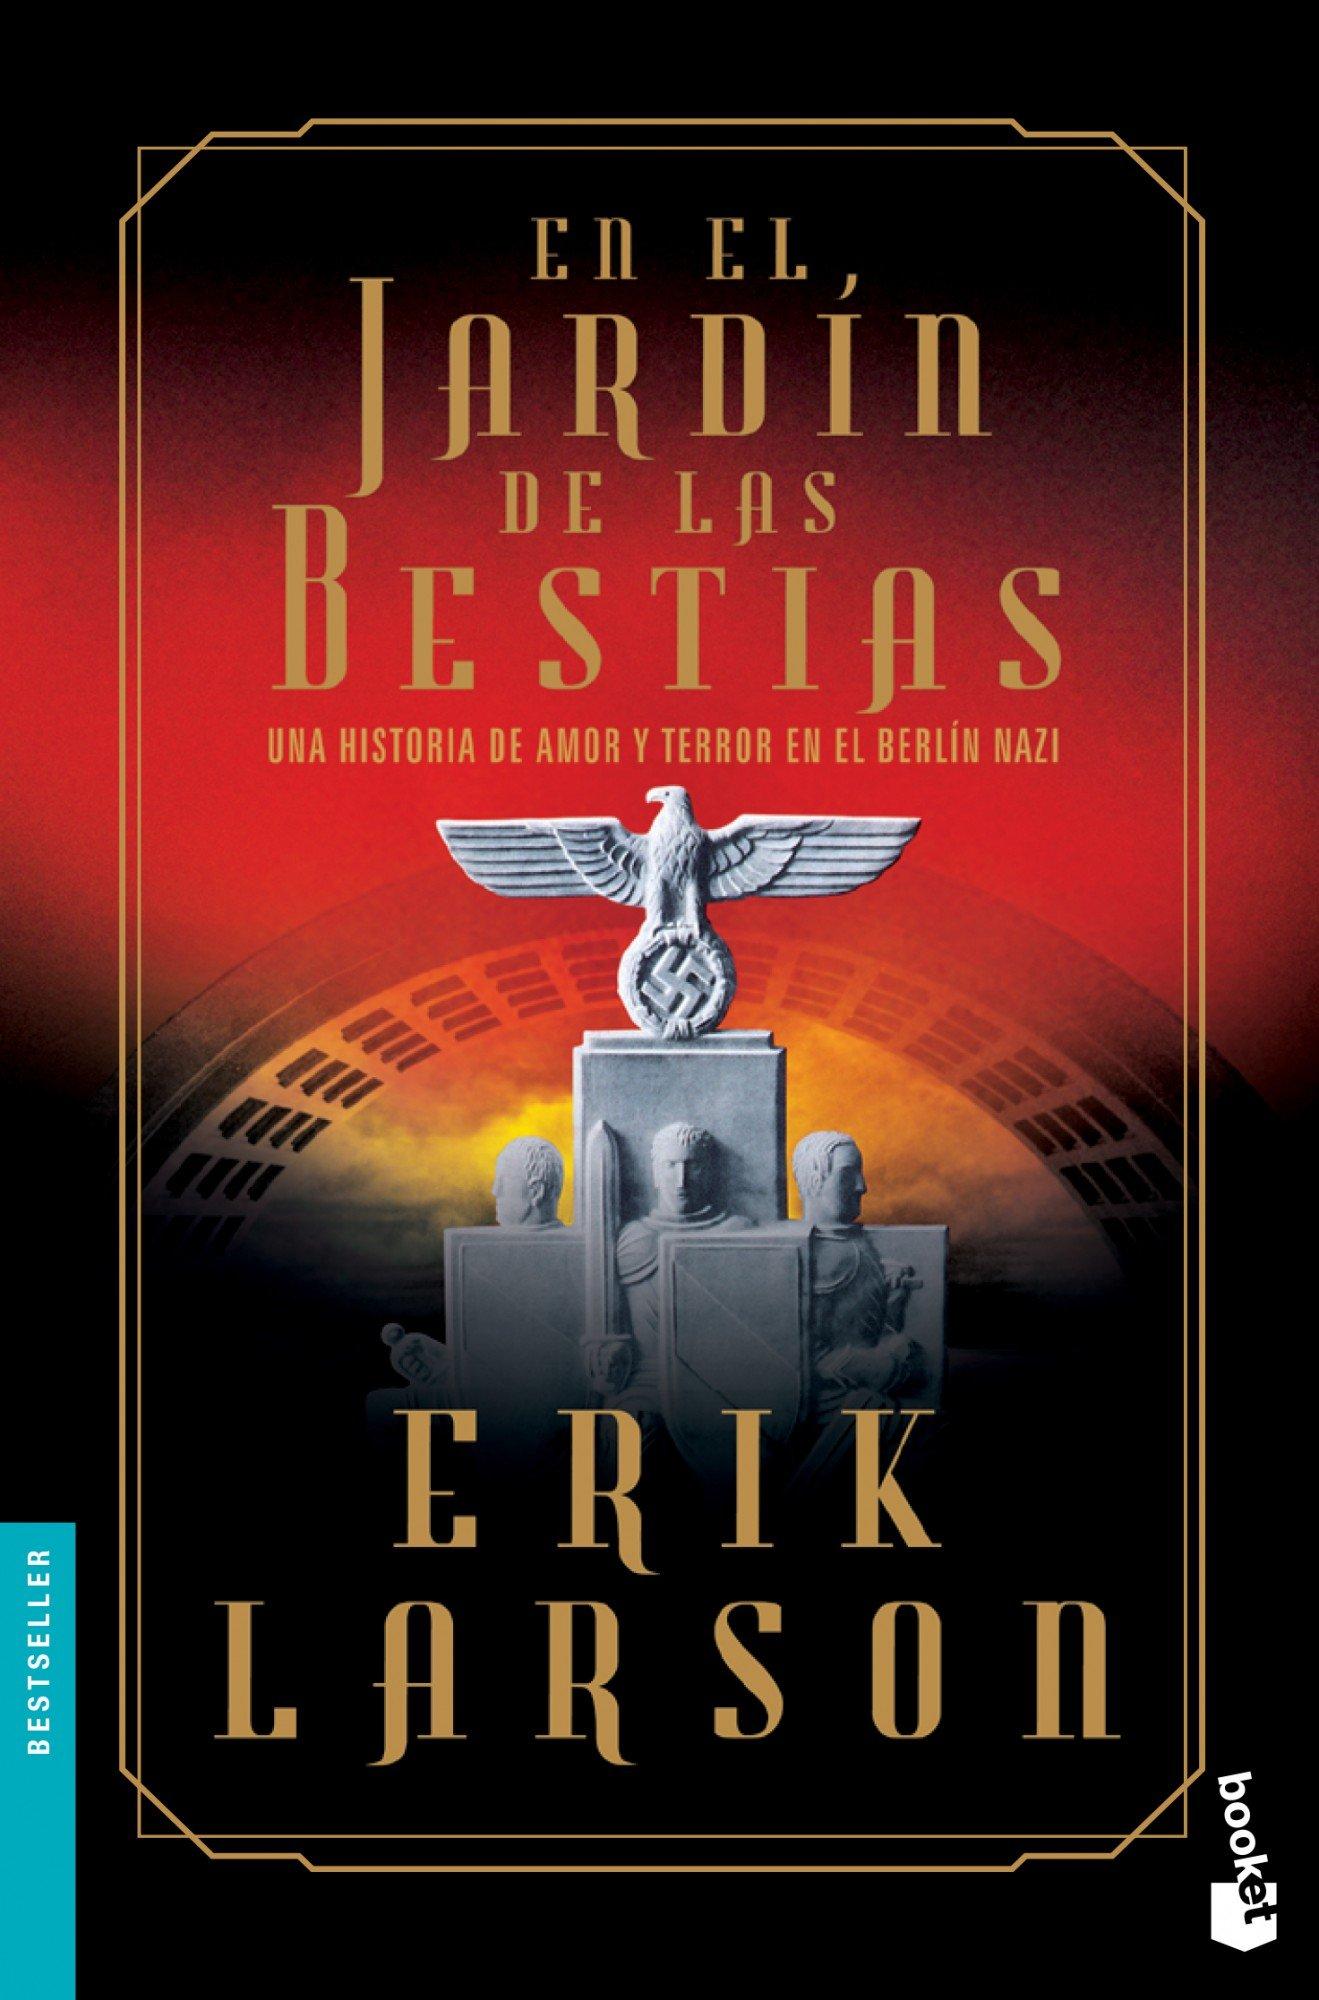 En el jard n de las bestias: Erik Larson: 9788408123712 ...